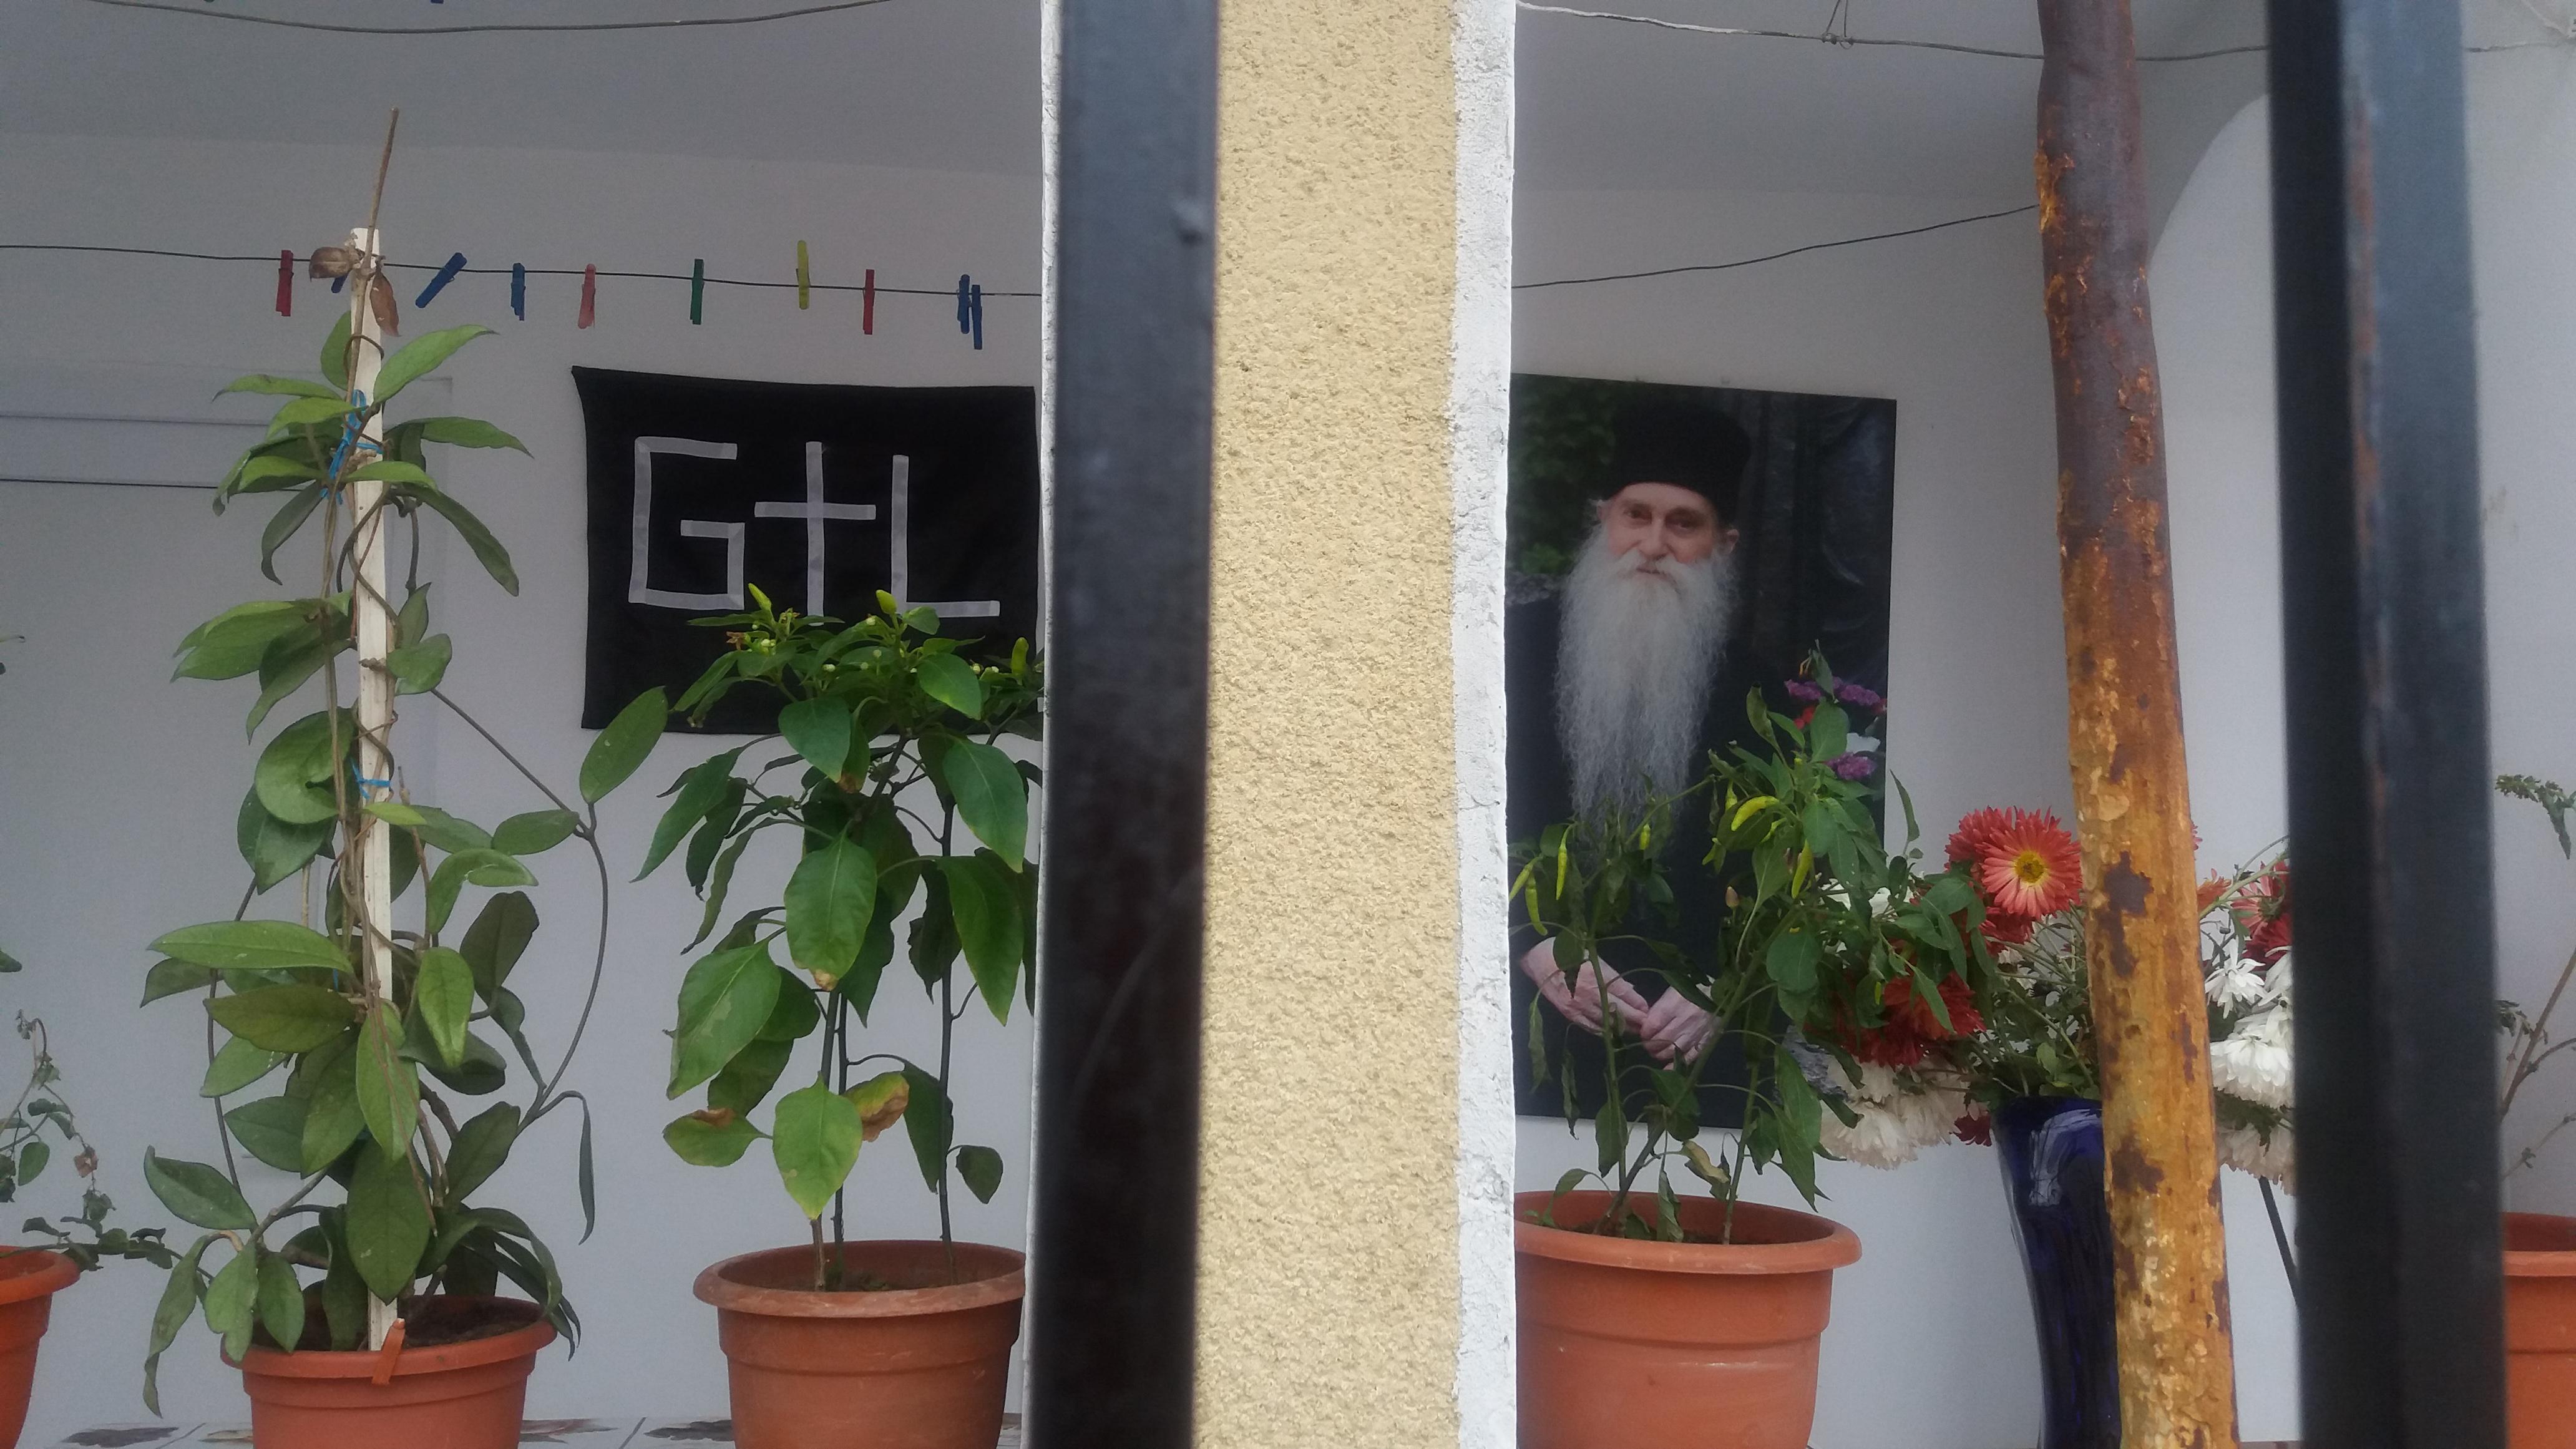 Fotografia lui Arsenie Papacioic - fostul duhovnic al mănăstirii Sf Maria din Techirghiol era ținută de preotul Ganea Lucian pe peretele de la intrarea în casa sa.